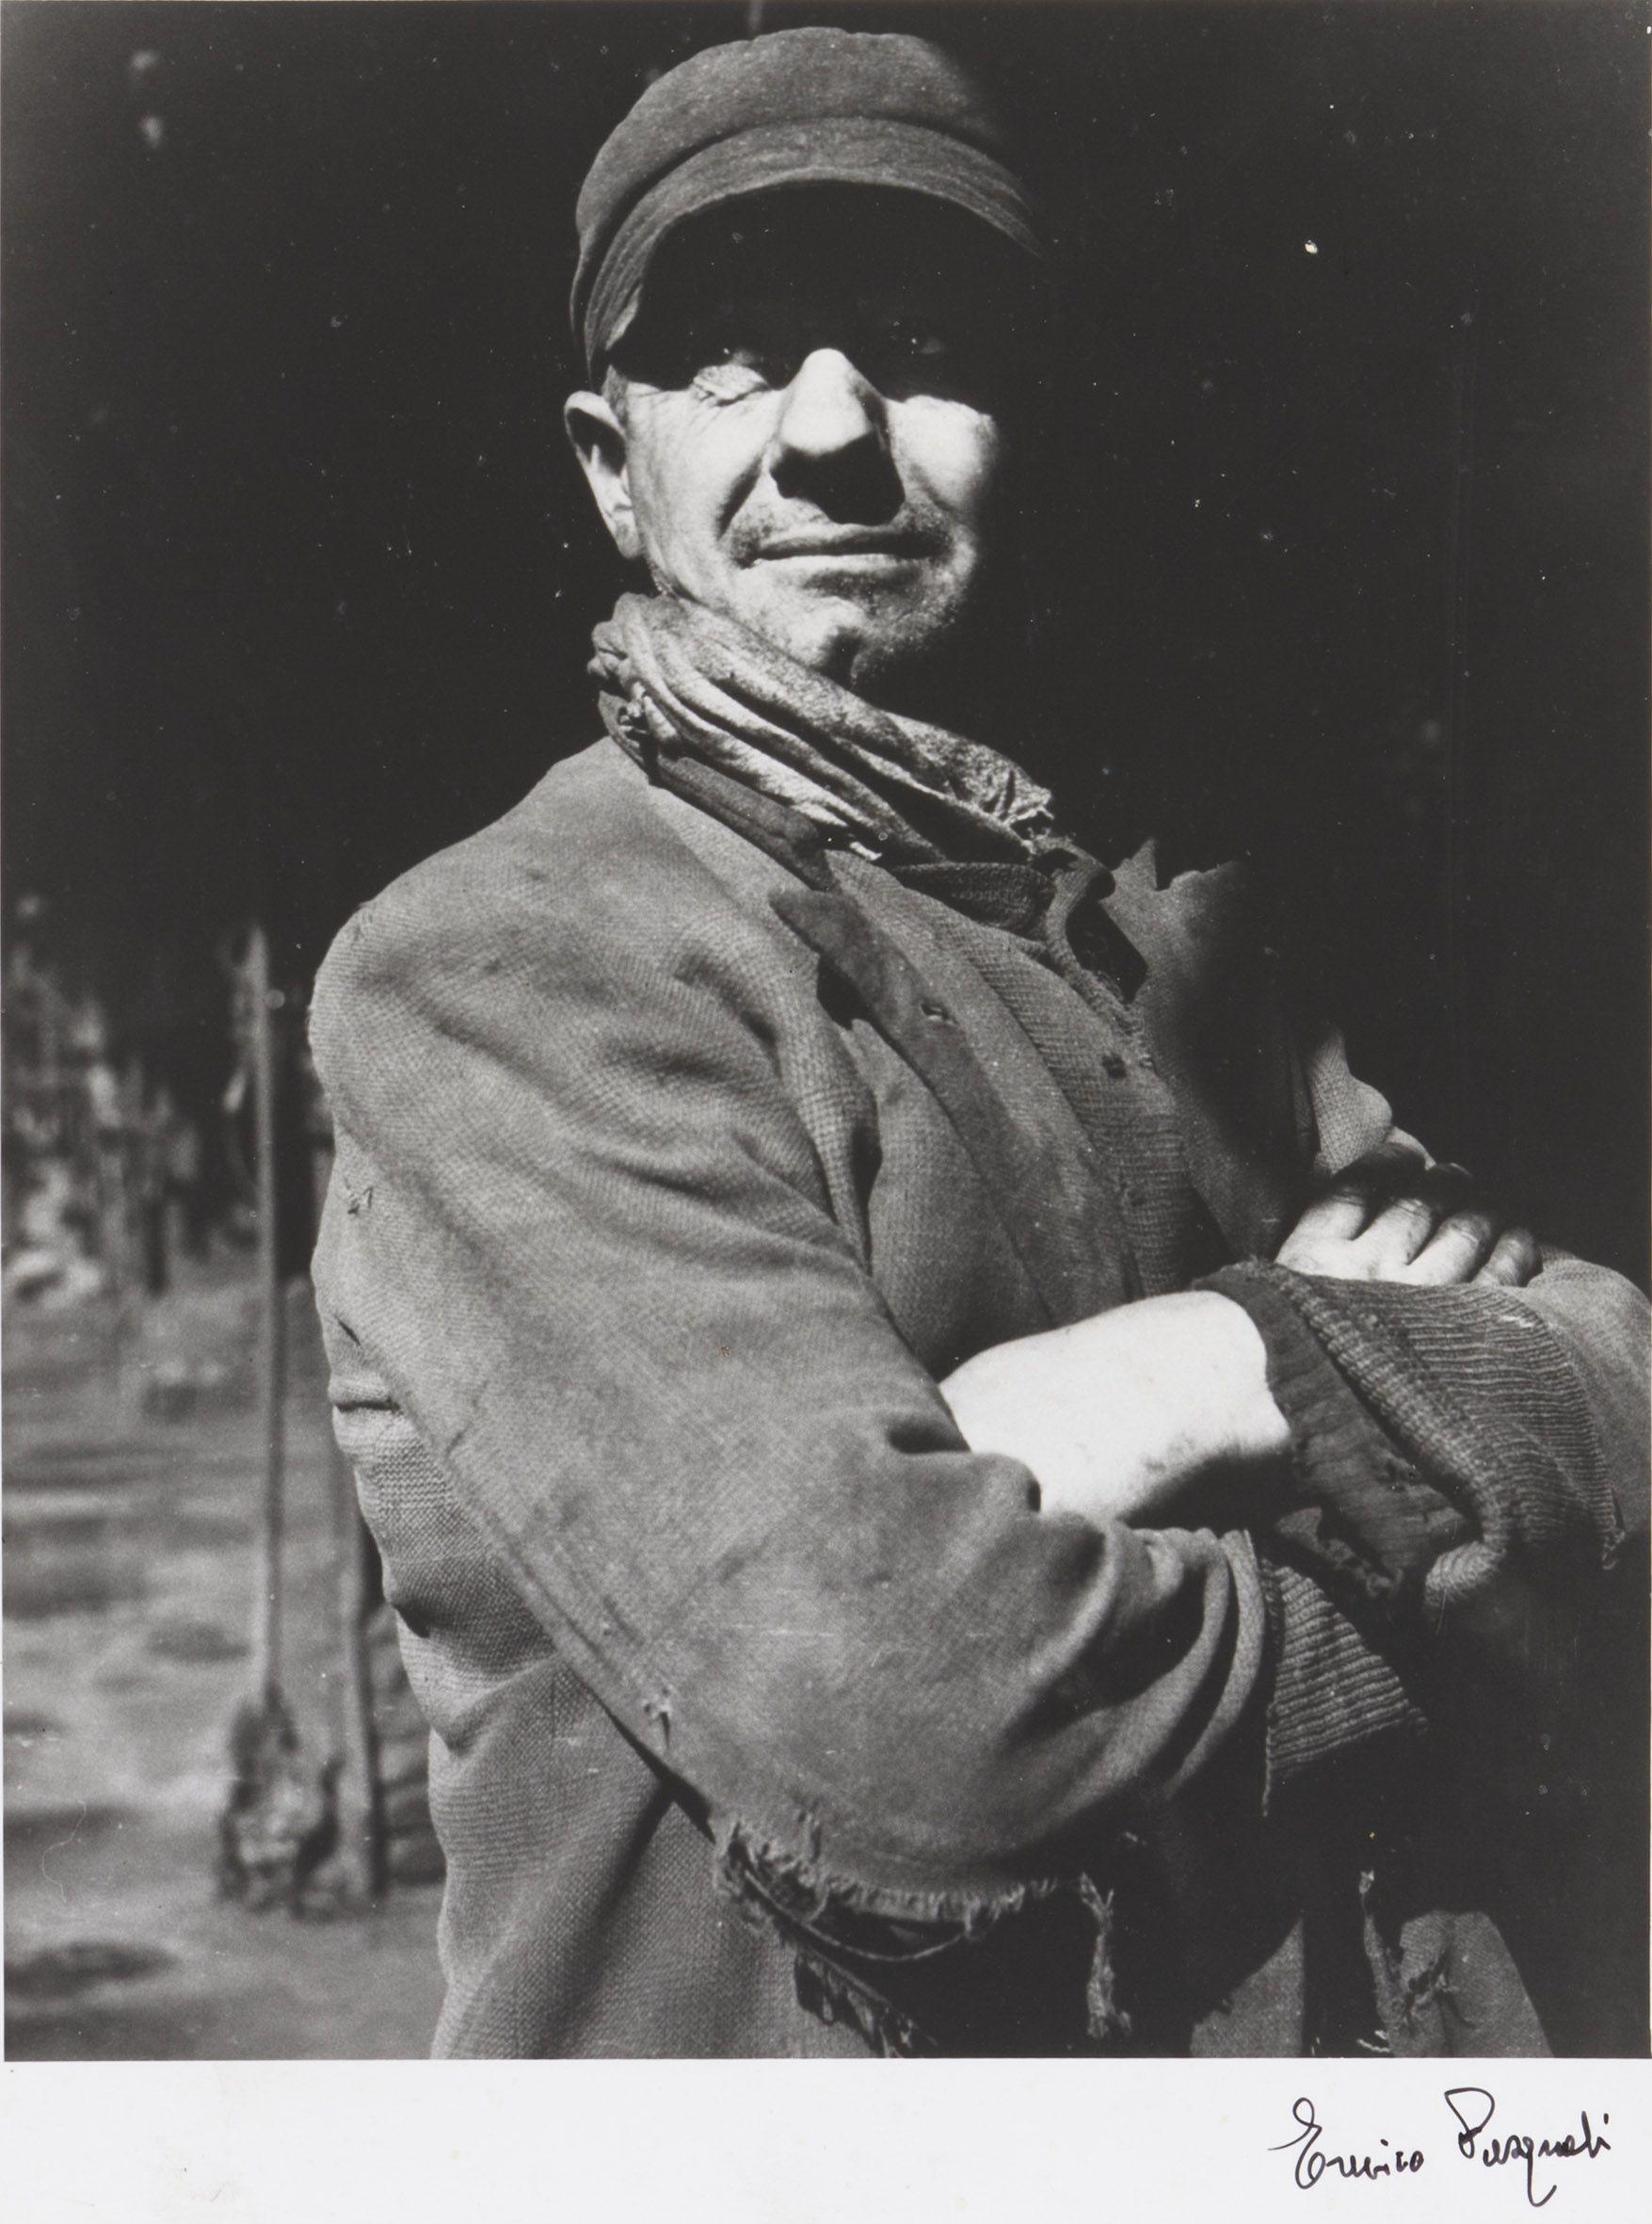 Enrico Pasquali, Ritratto d'operaio, AMGA, Bologna, 1955 Collezione MAST © Enrico Pasquali - Cineteca di Bologna